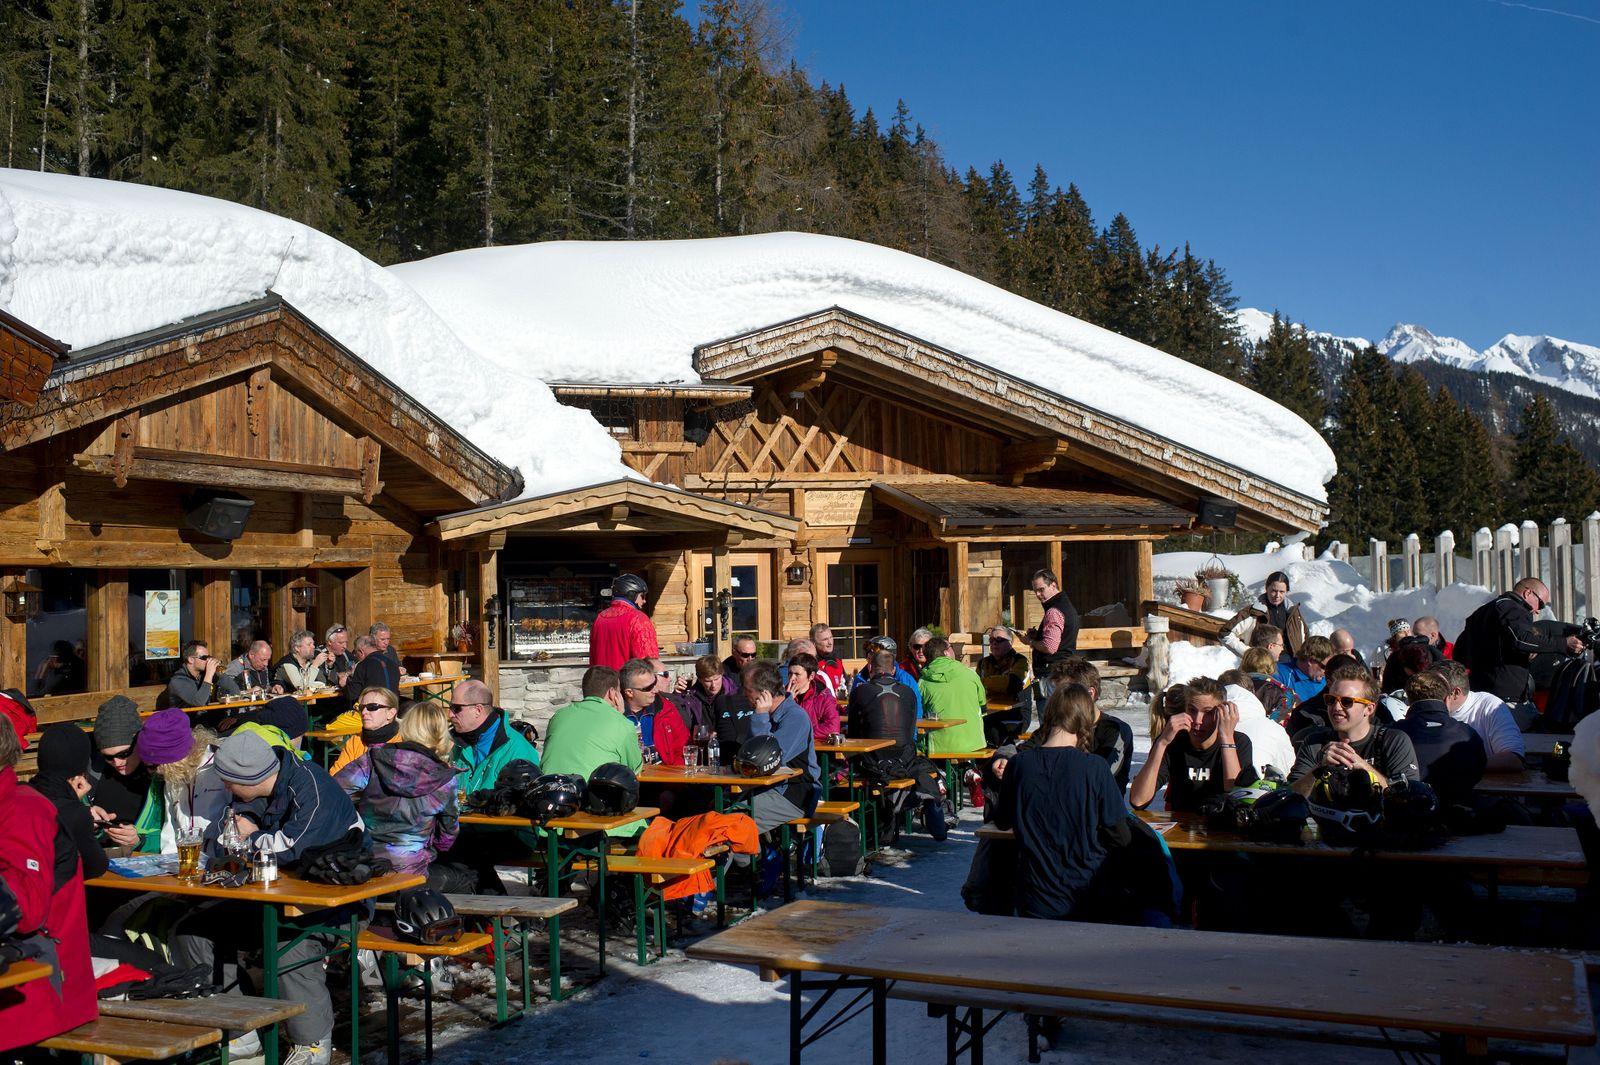 Austria puts popular touristic areas under quarantine amid the coronavirus crisis, St Anton Am Arlberg - 12 Jan 2012